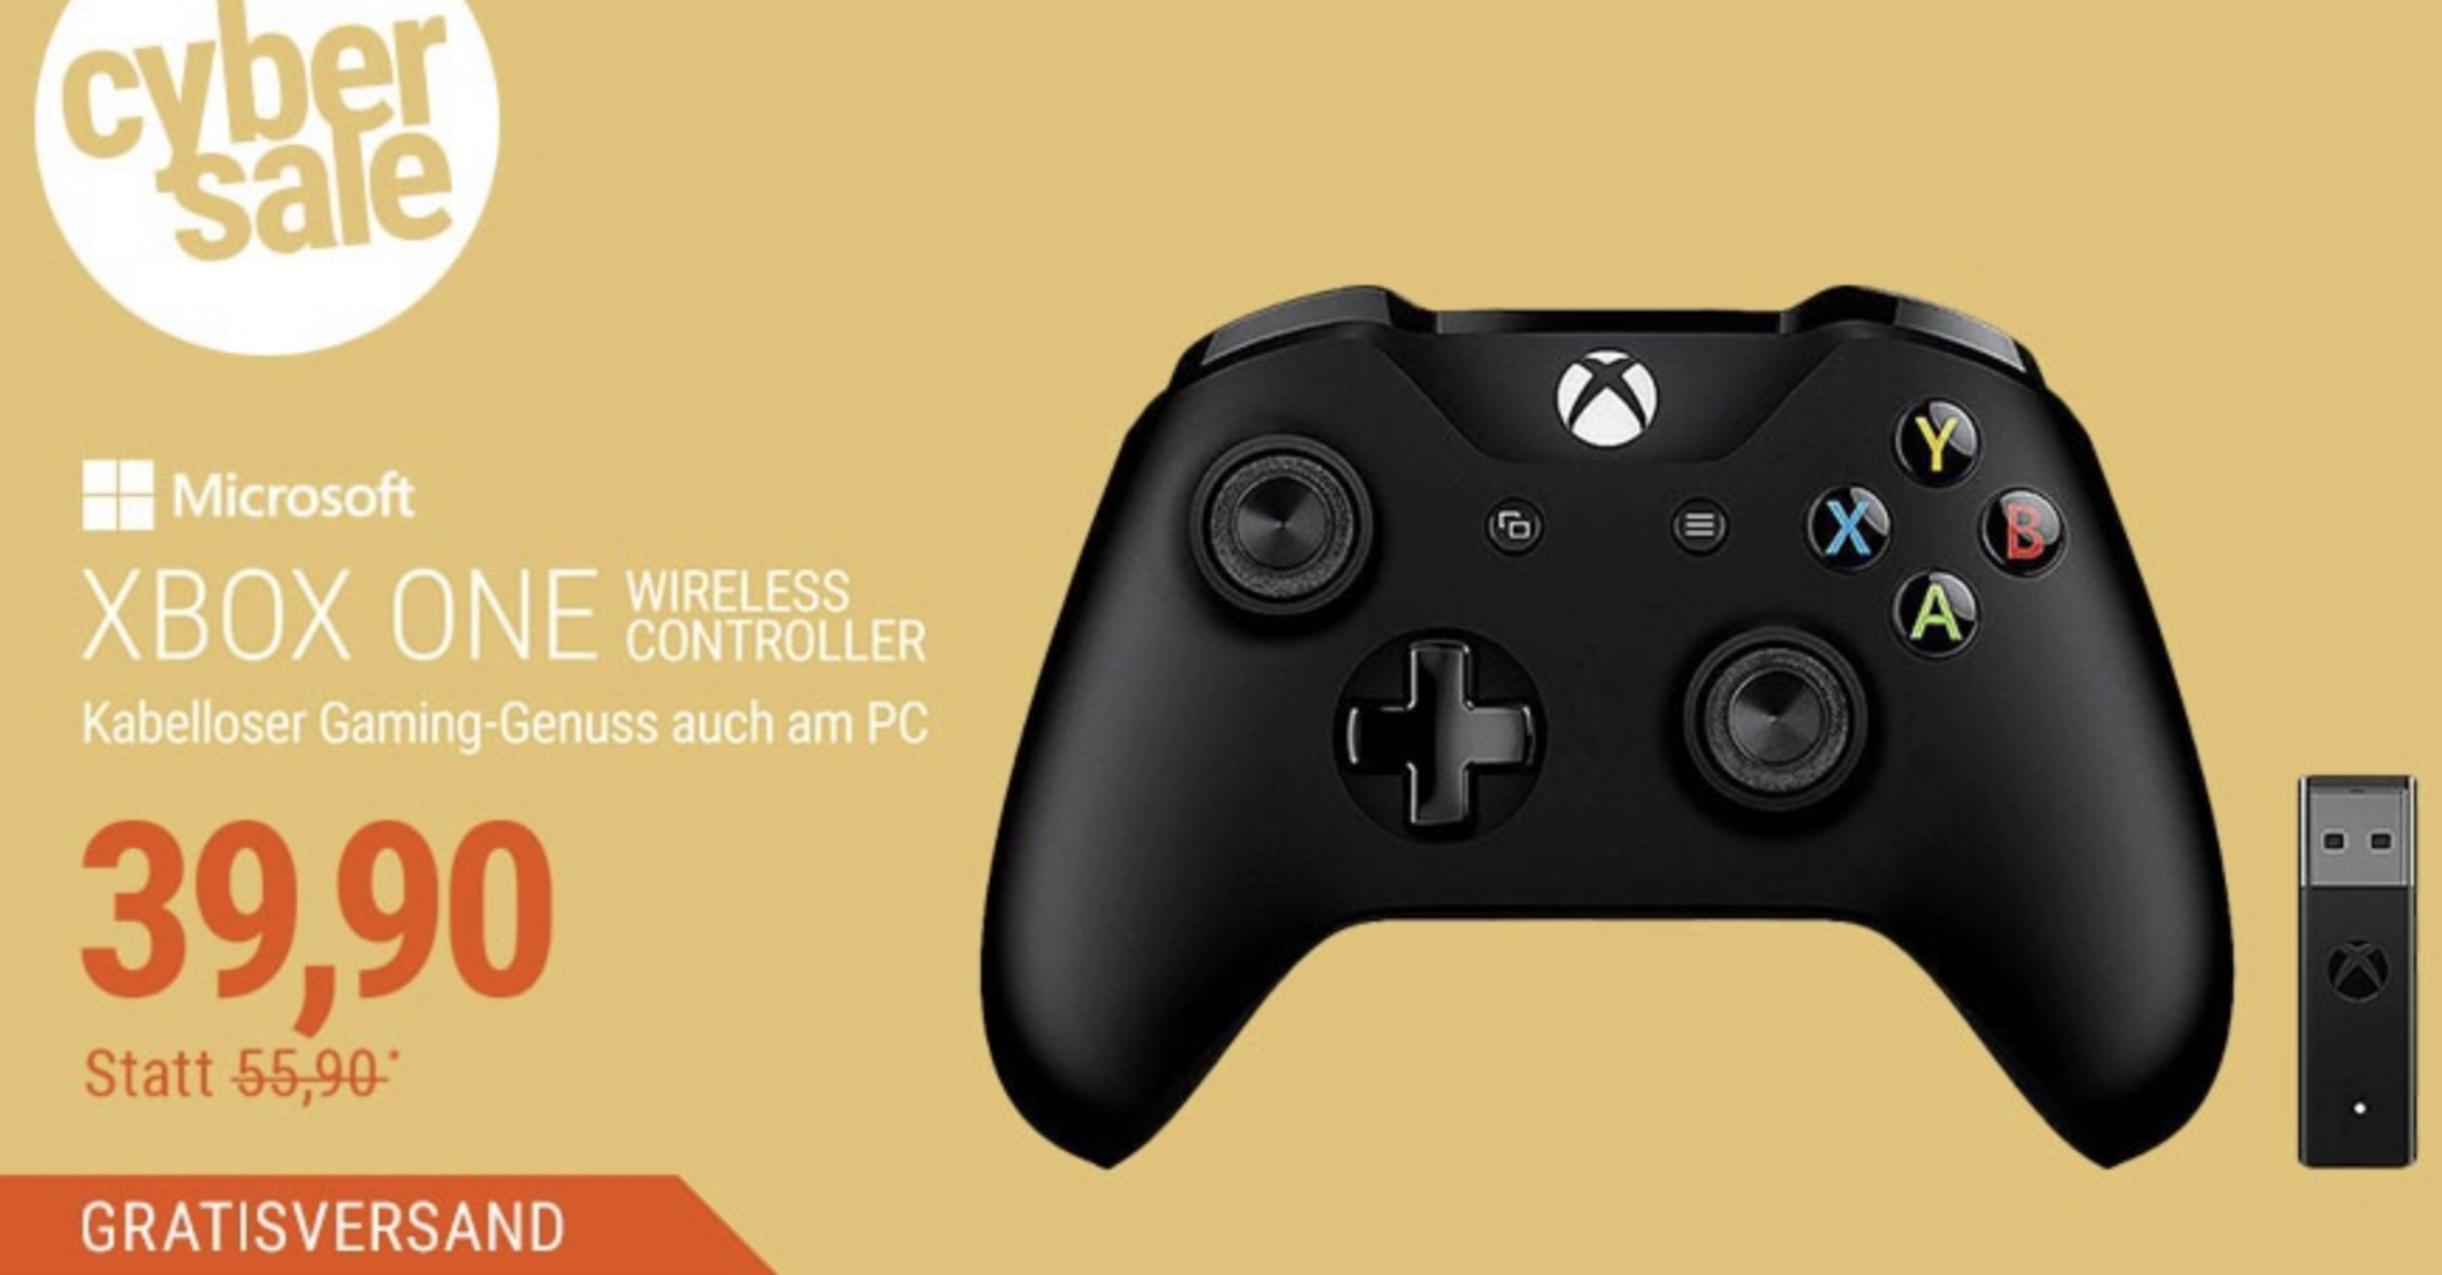 Microsoft XBOX One Wireless Controller inkl. Adapter for Windows für 39,90€ inkl. Versandkosten